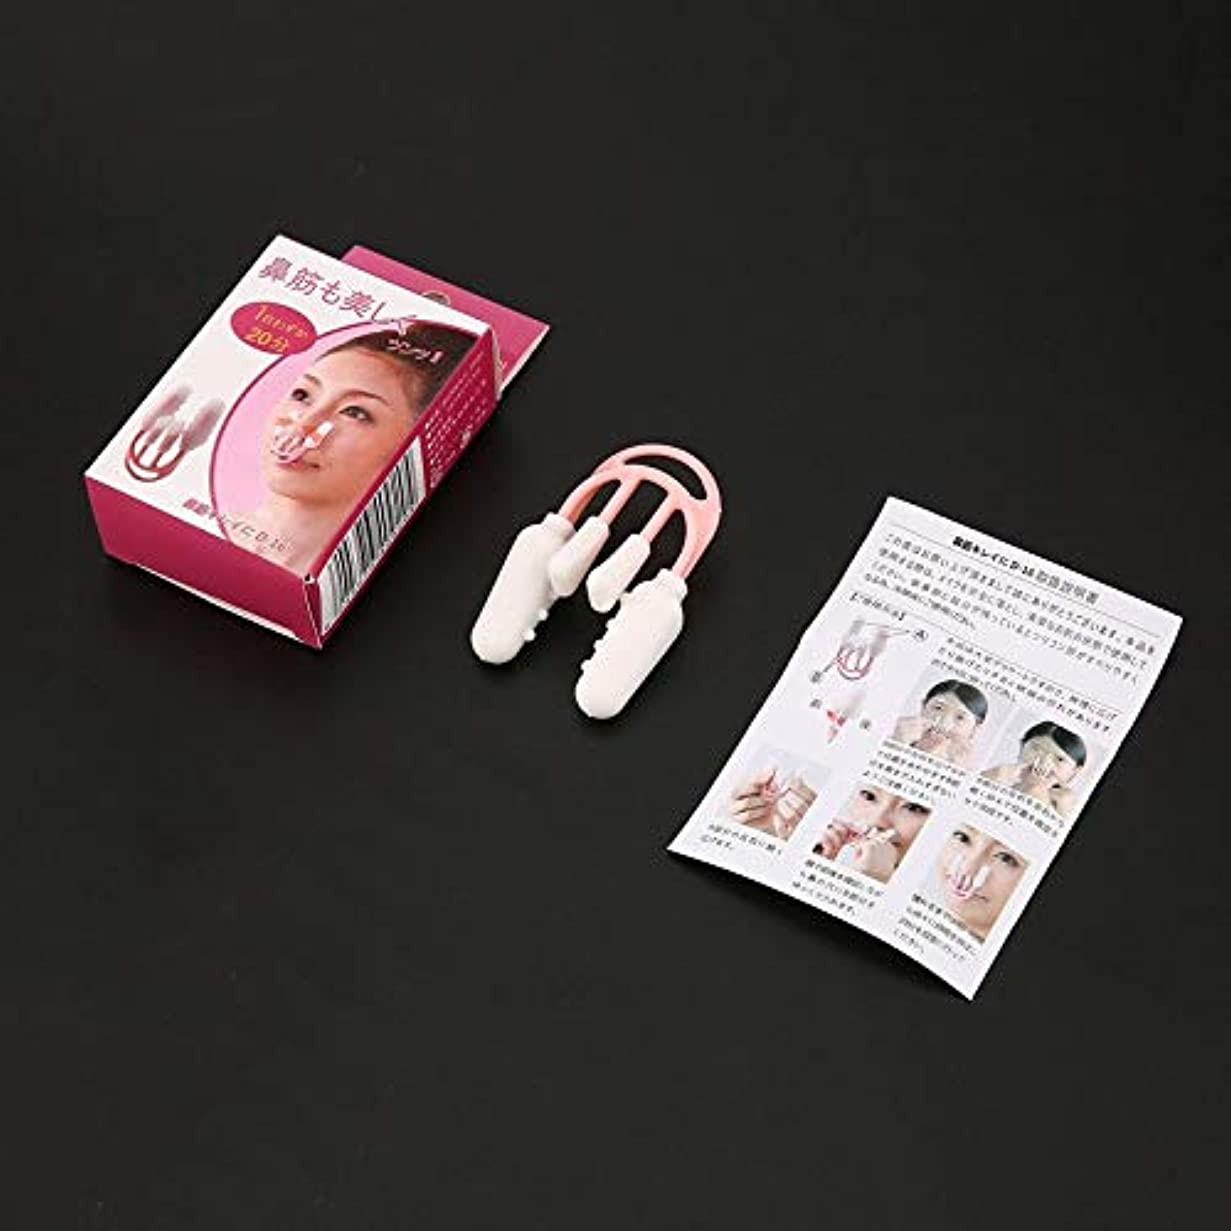 崩壊人事激しいノーズアップリフティングシェイピングシェイパークリップノーズクリッパーブリッジ矯正鼻コレクター鼻マッサージャーメイクアップ美容ツール - ホワイト&ピンク